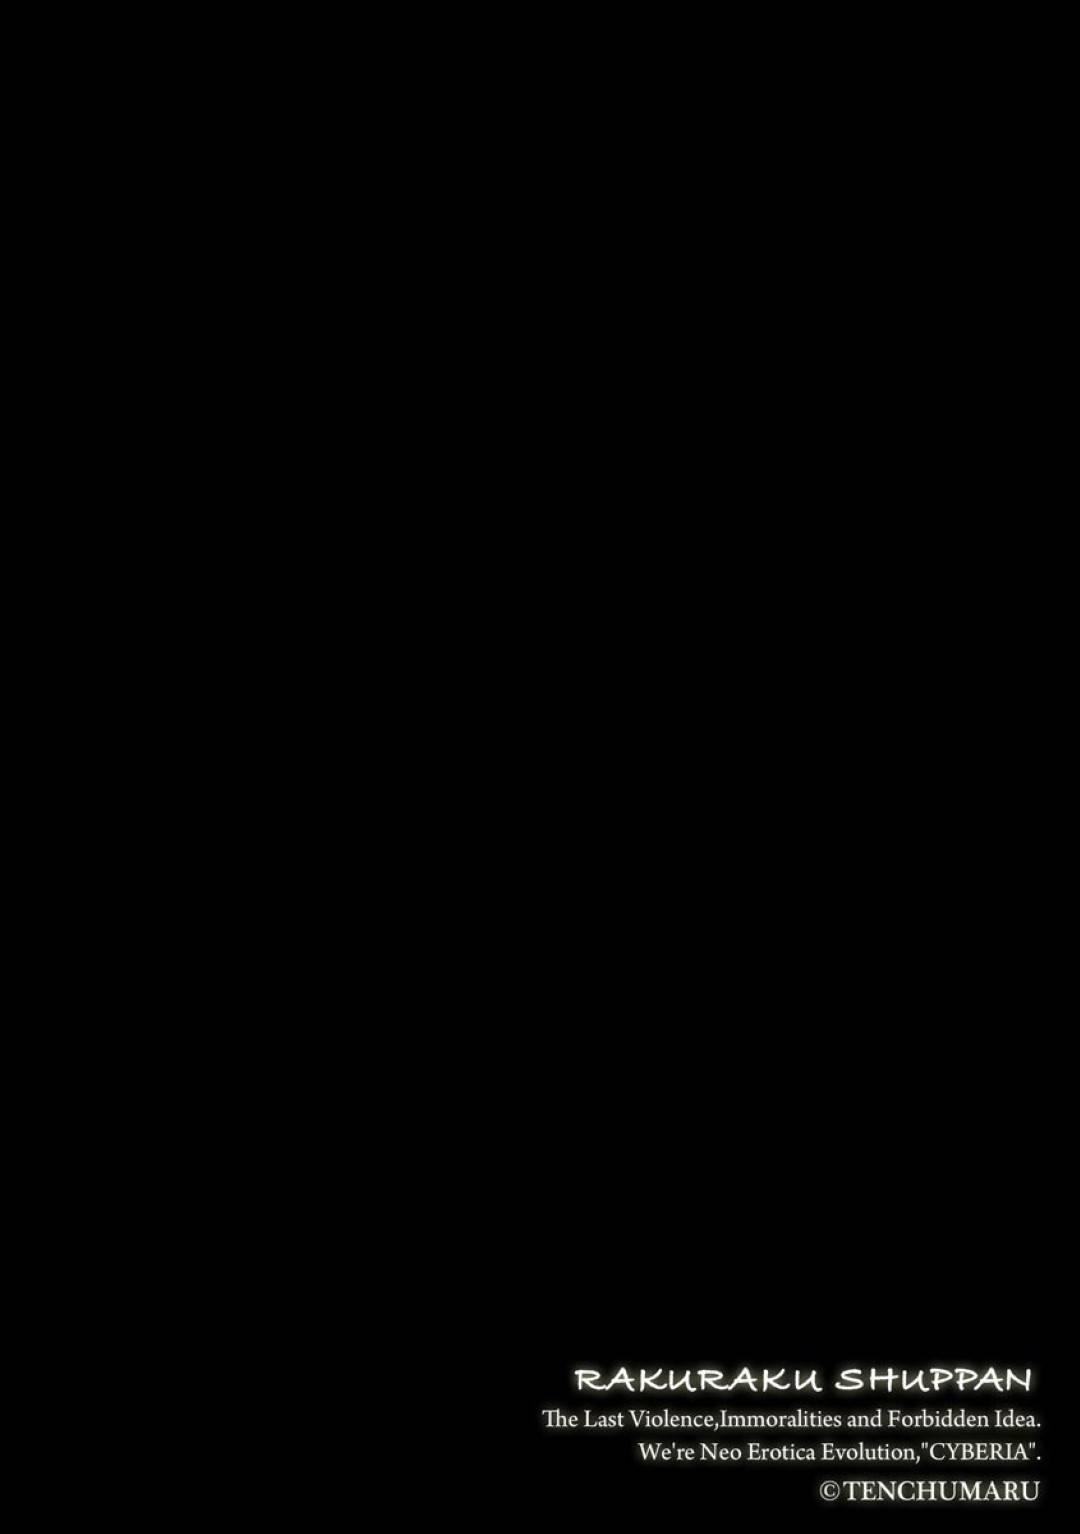 【不倫妻エロ漫画】夫は不倫関係になる男を連れて来ると、睡眠薬を使い夫を眠らす。妻と不倫相手はスリルを堪能しながら中出しセックス【天誅丸】